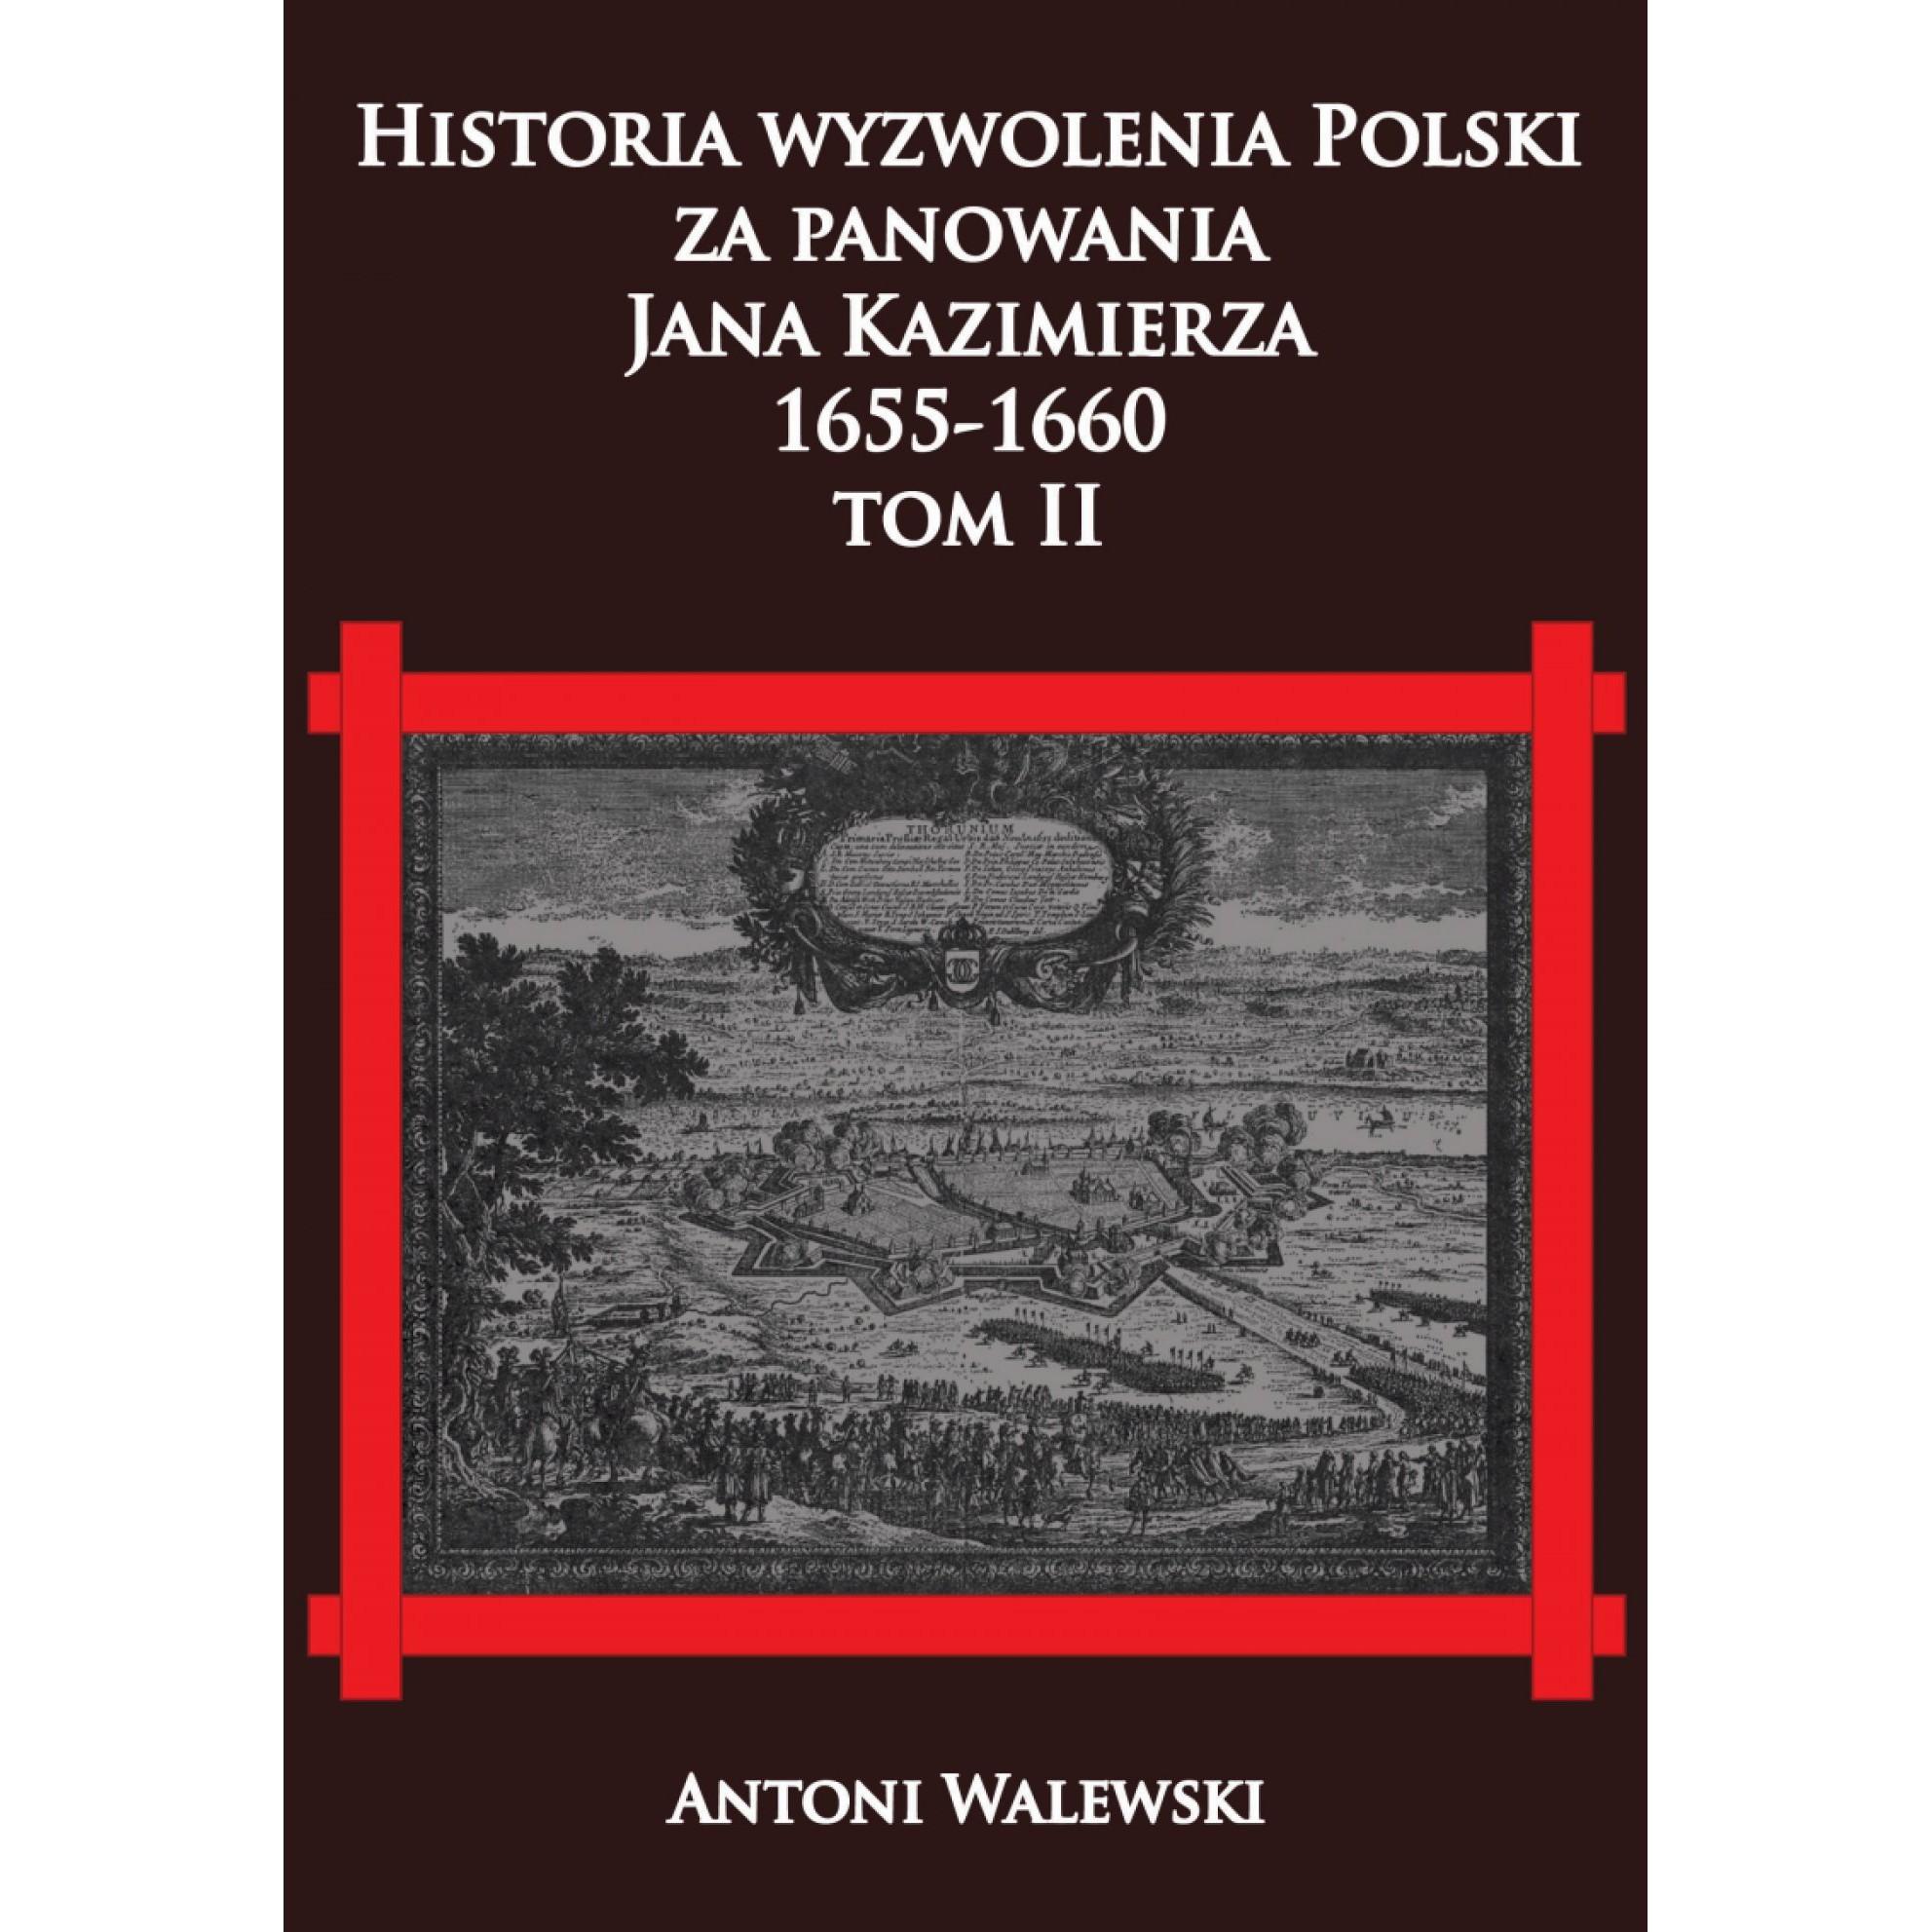 Historia wyzwolenia Polski za panowania Jana Kazimierza, 1655-1660 tom II